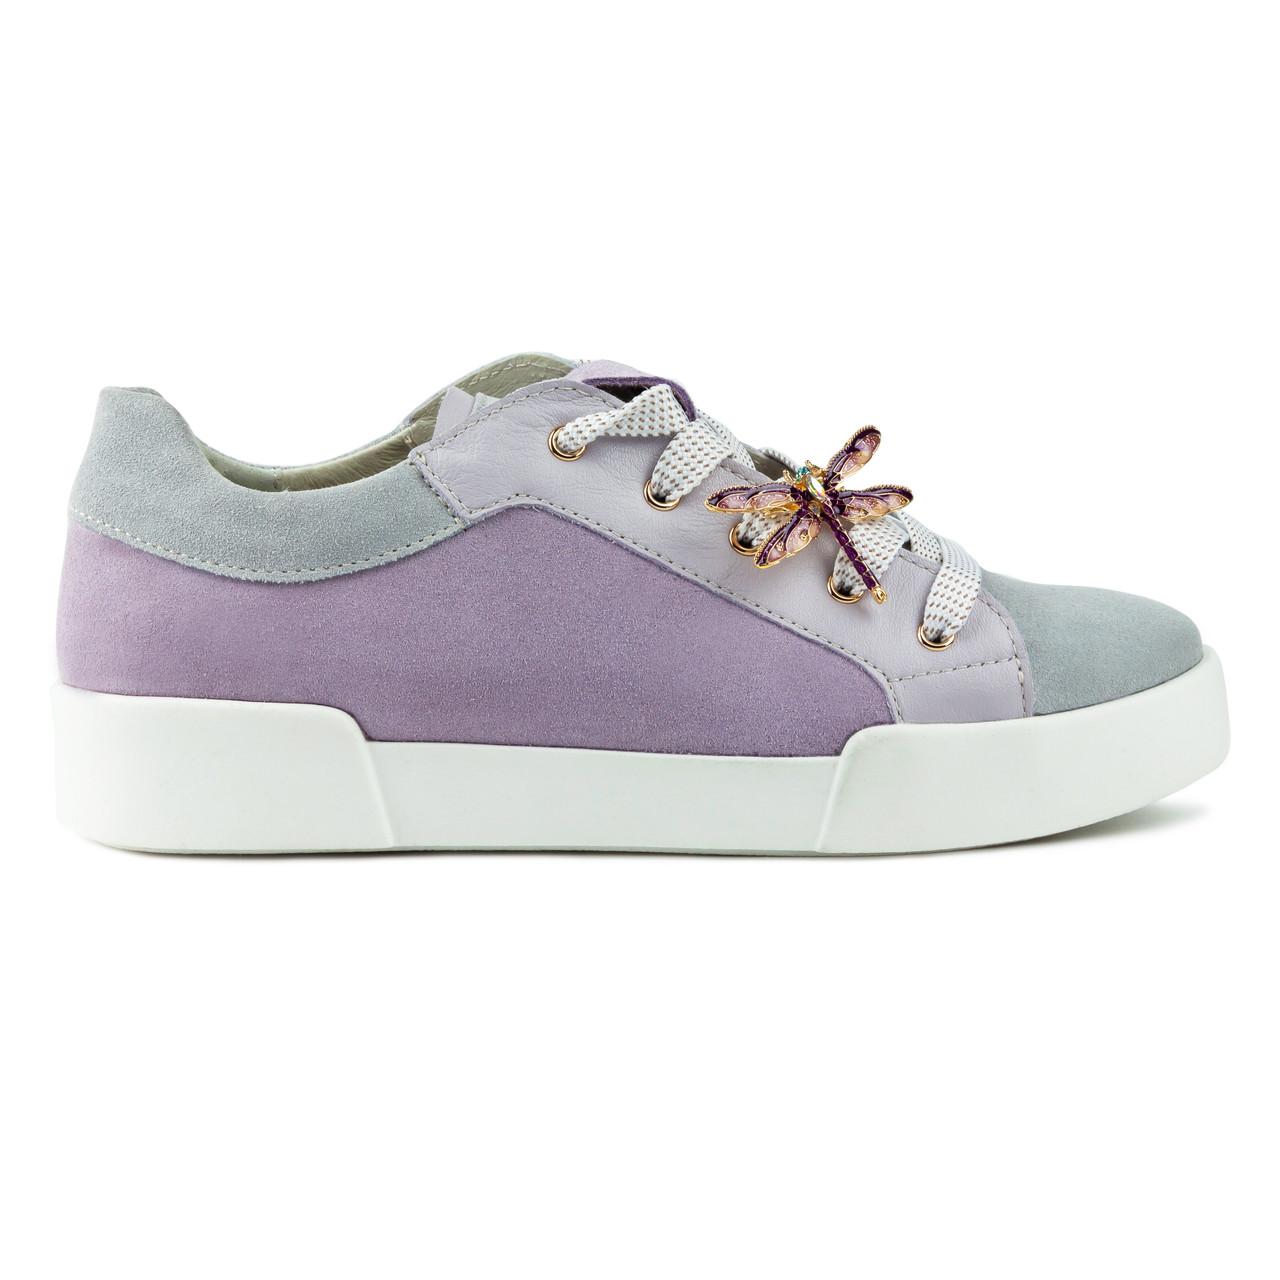 Кеды Woman's heel серо-фиолетовые (О-858)